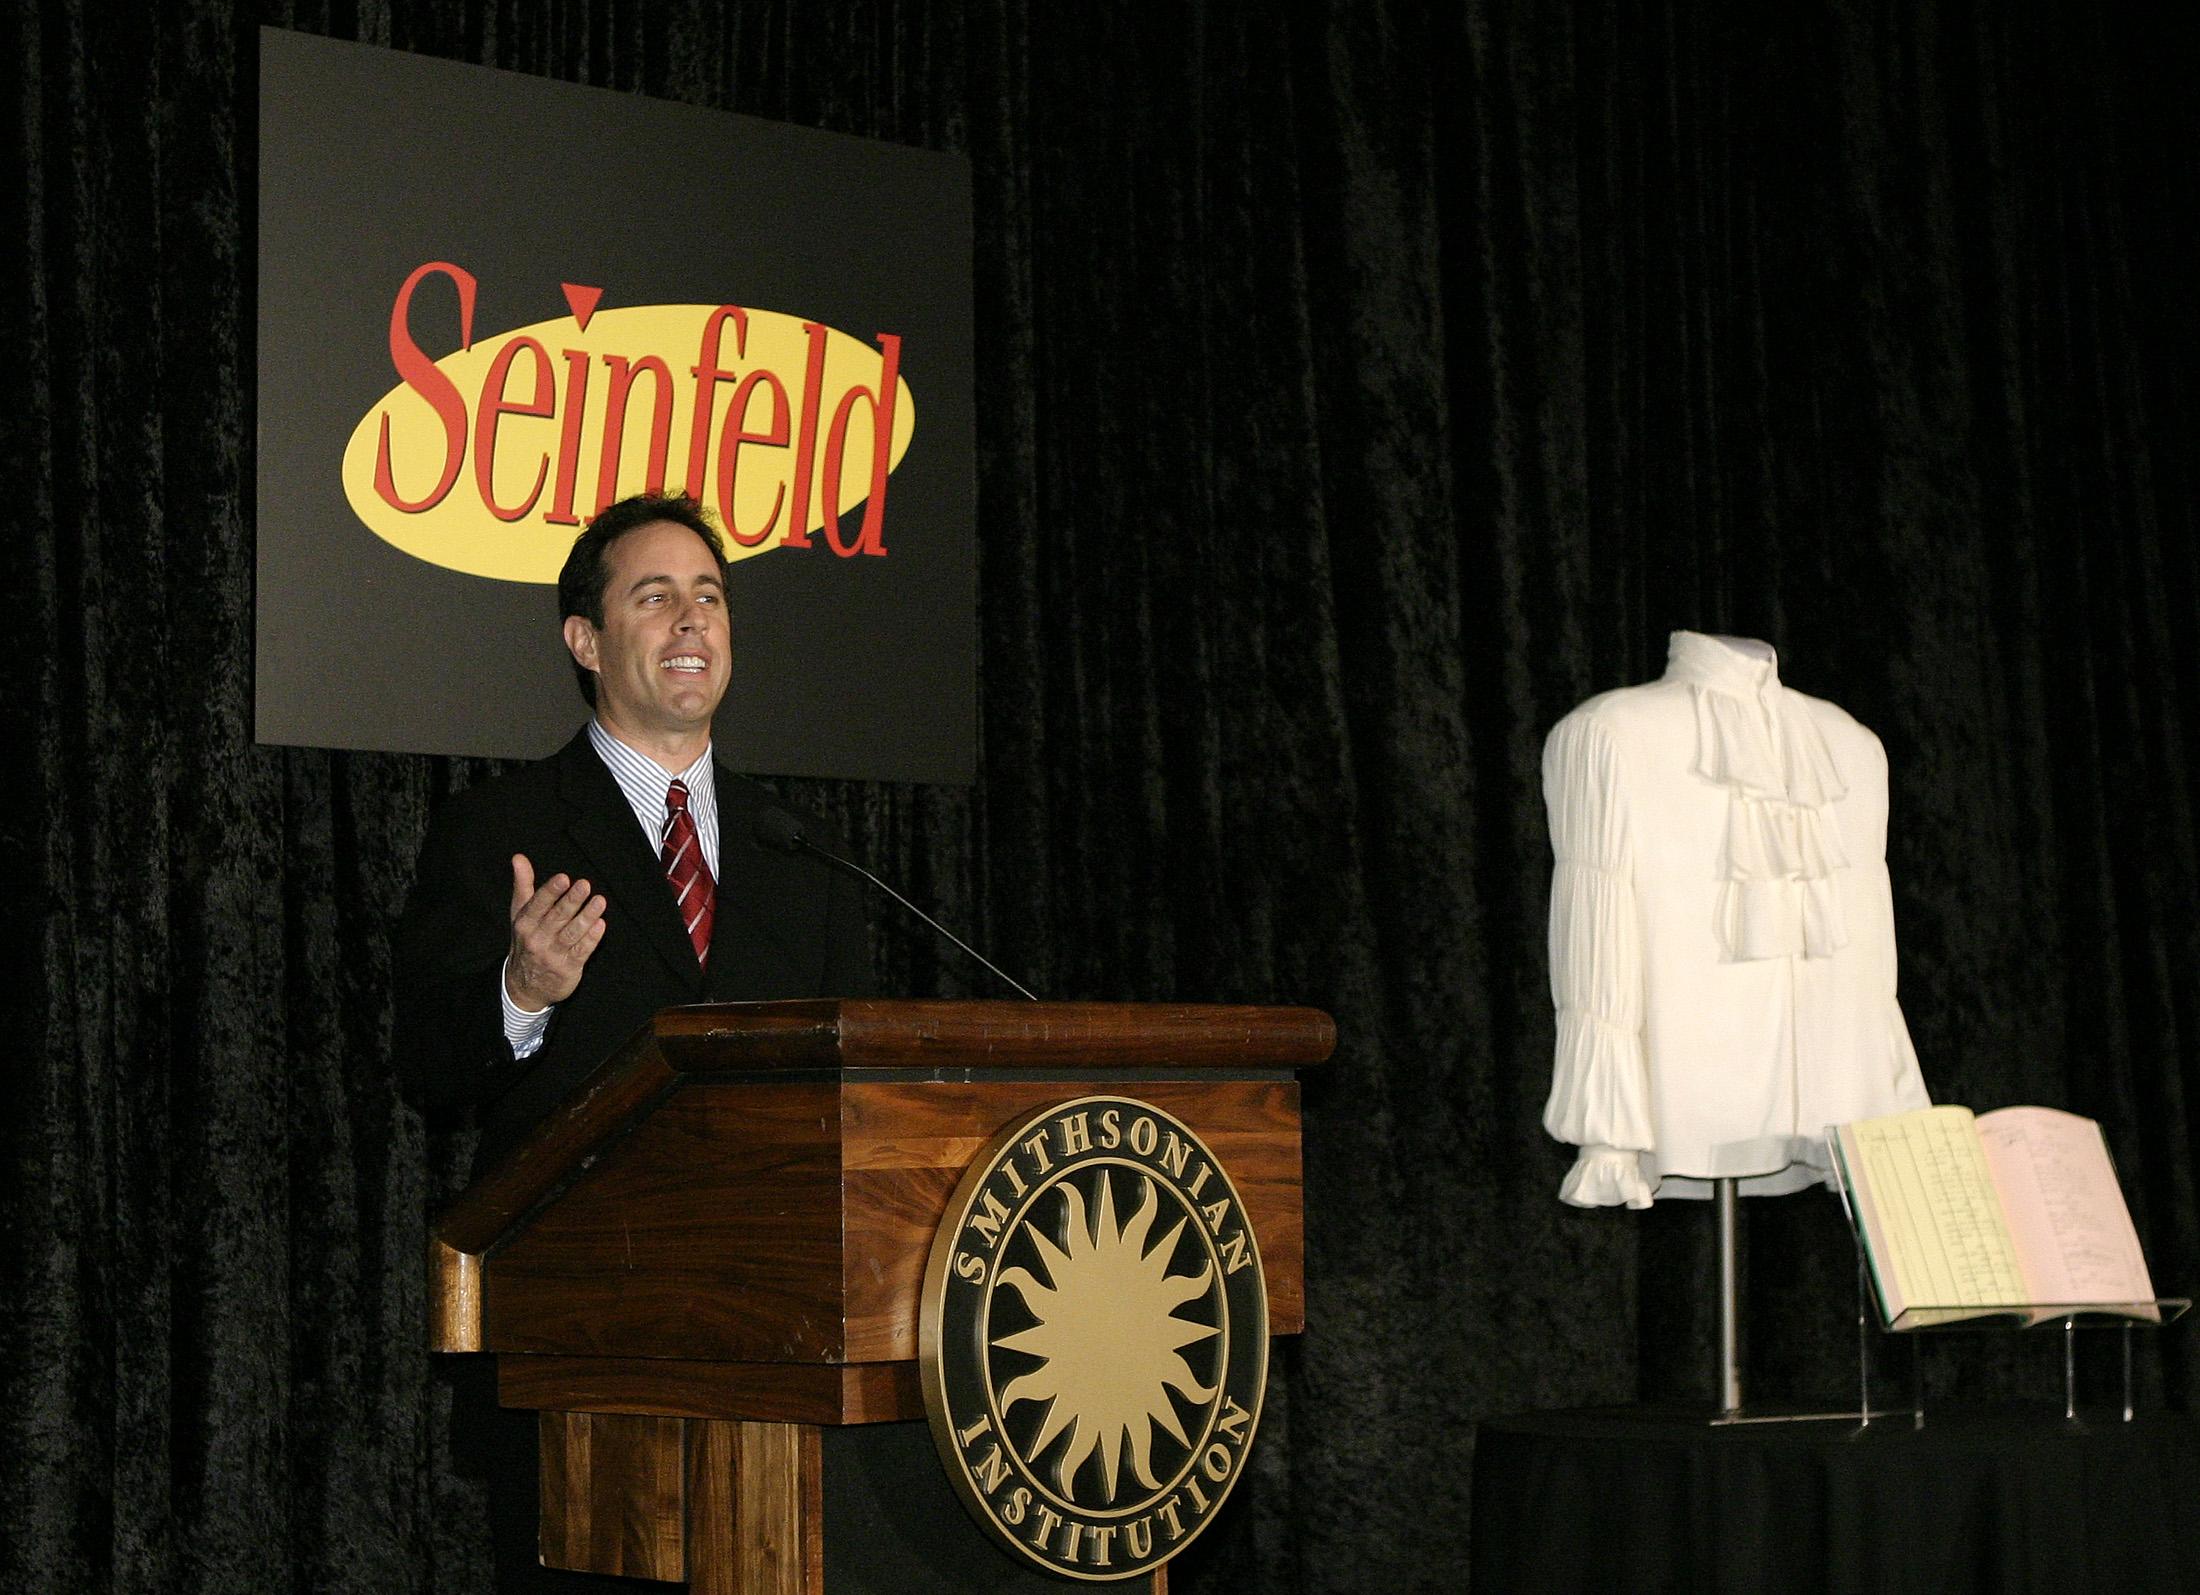 Bài hát của Seinfeld lọt vào Netflix, nhưng một số câu chuyện cười đã bị cắt ra khỏi tầm nhìn